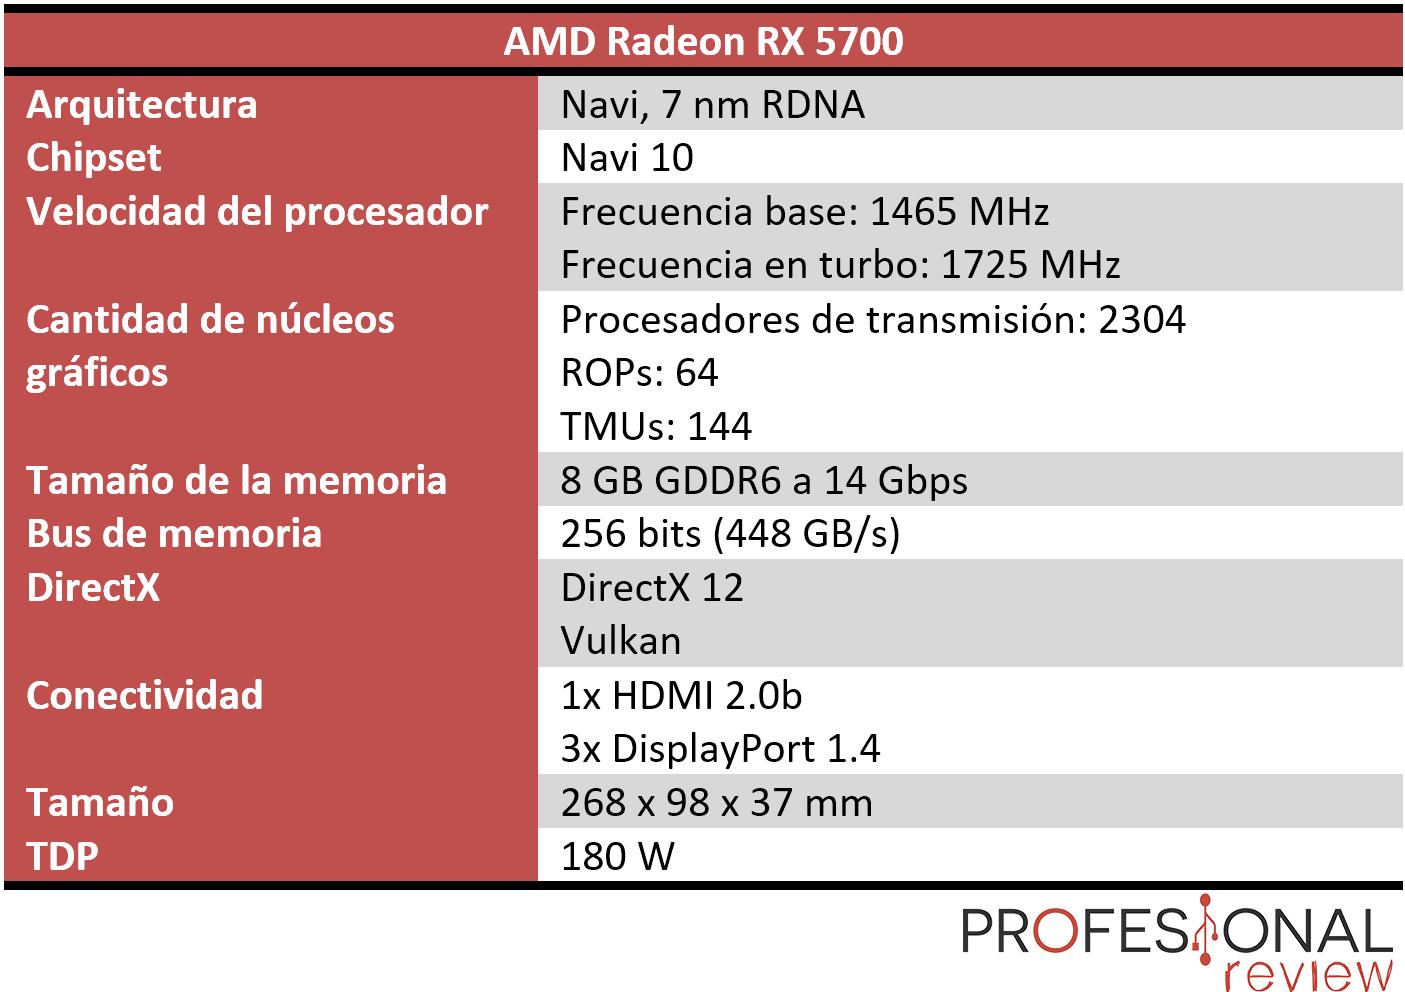 AMD Radeon RX 5700 características